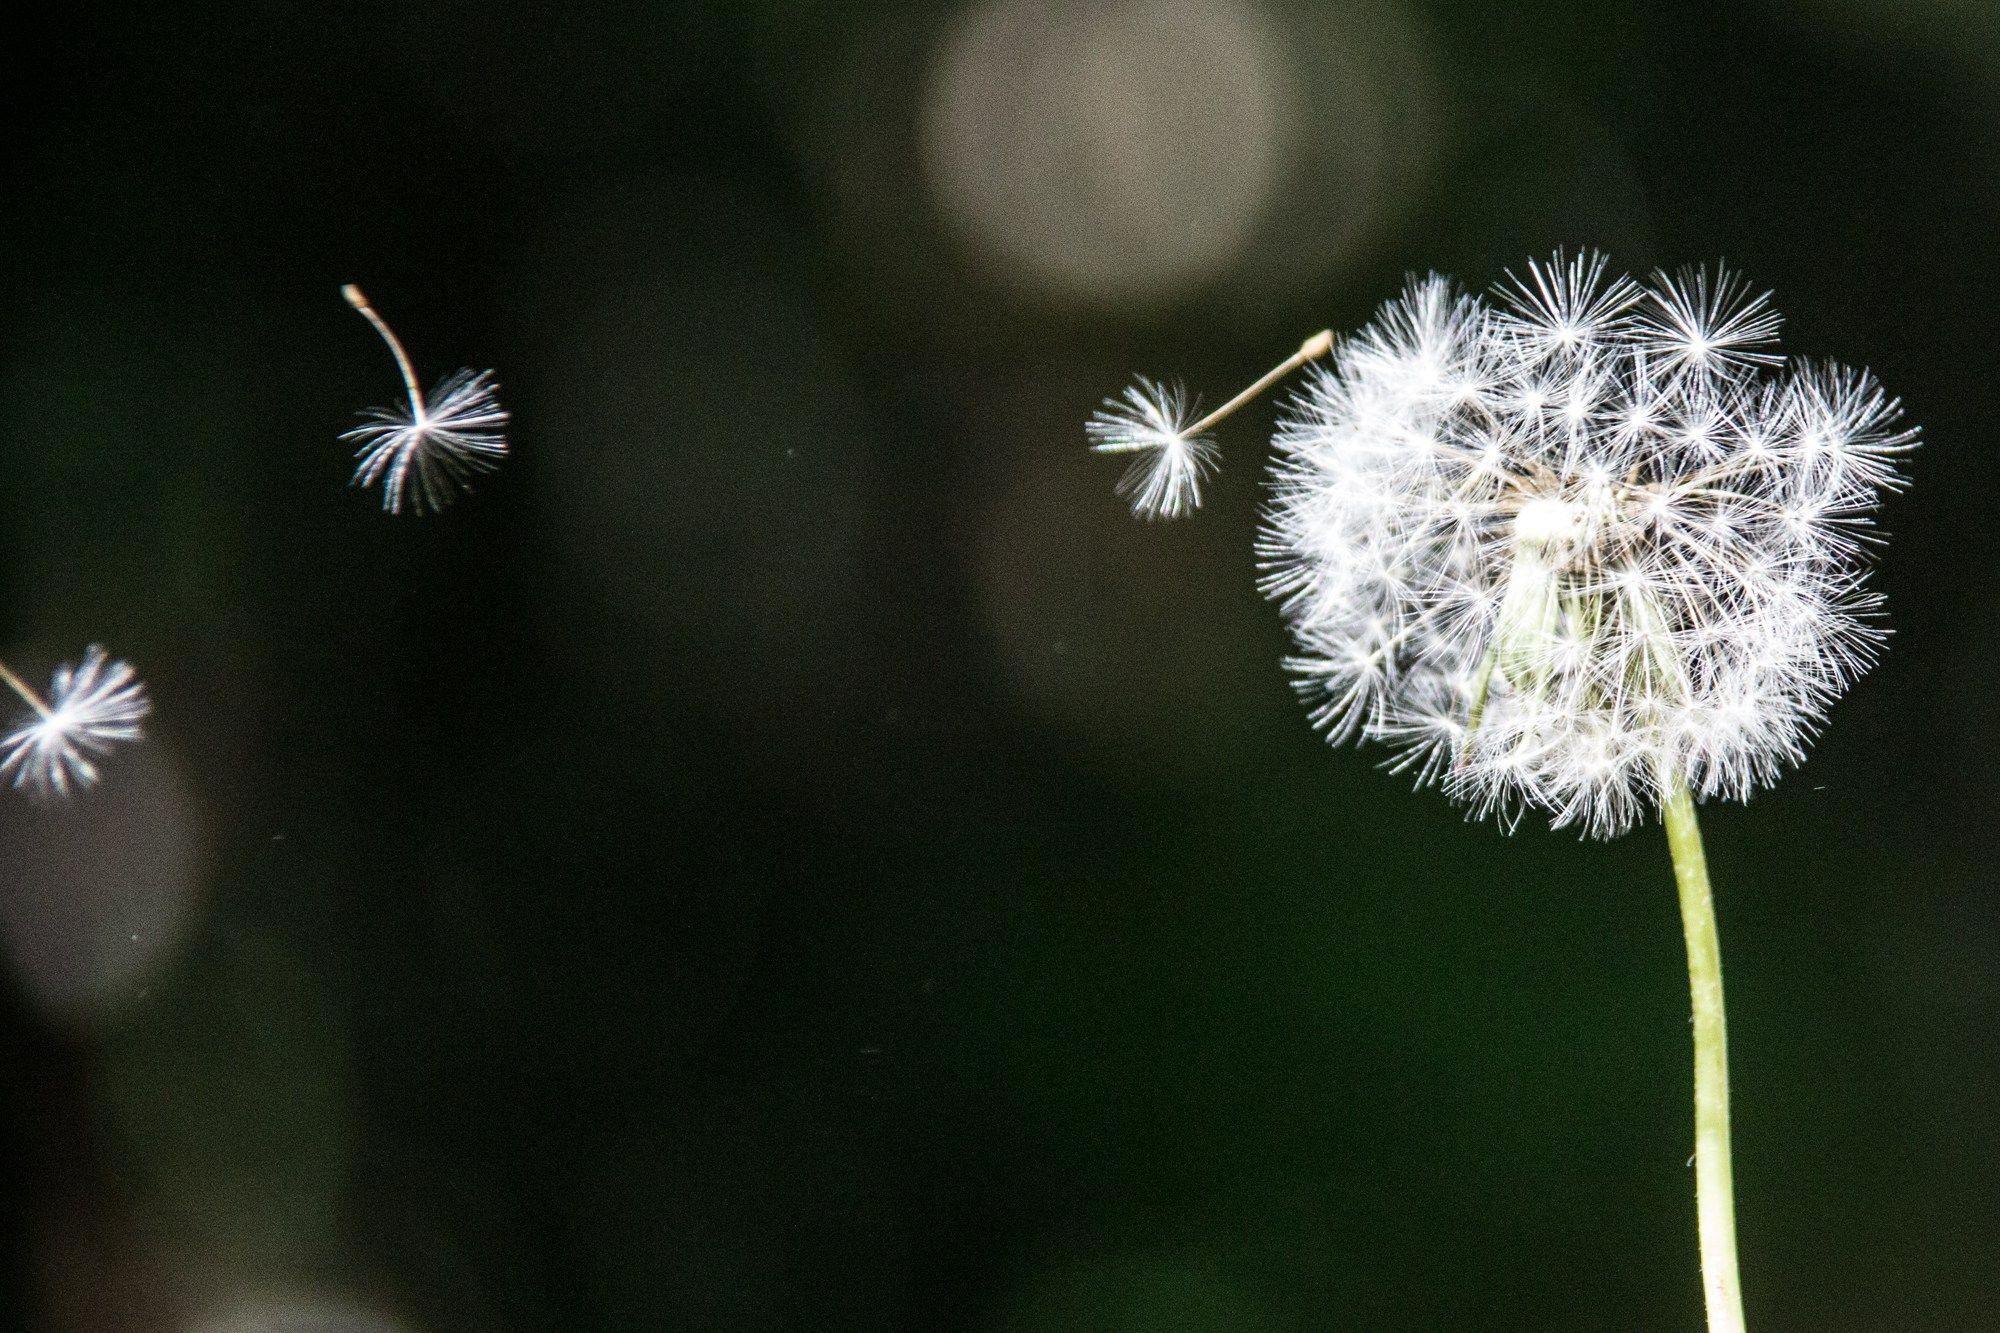 Dandelion Flower Wallpaper Hd の画像検索結果